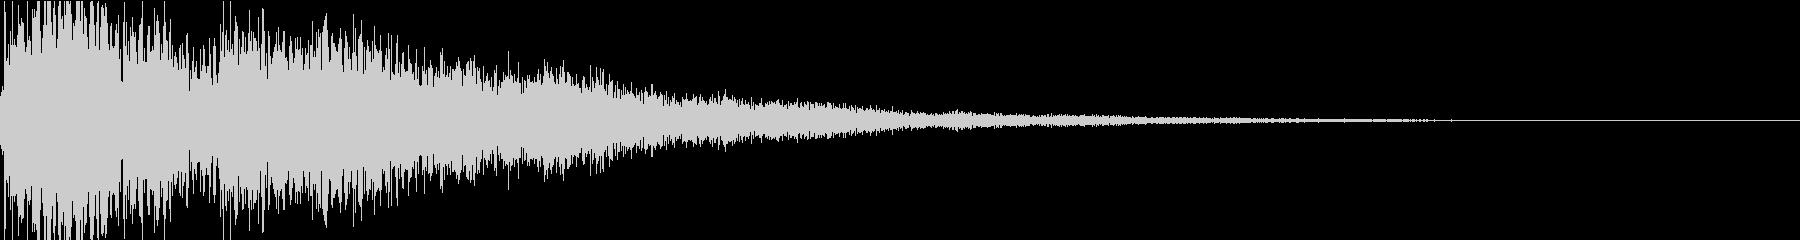 琴と太鼓の和風インパクトジングル! 03の未再生の波形